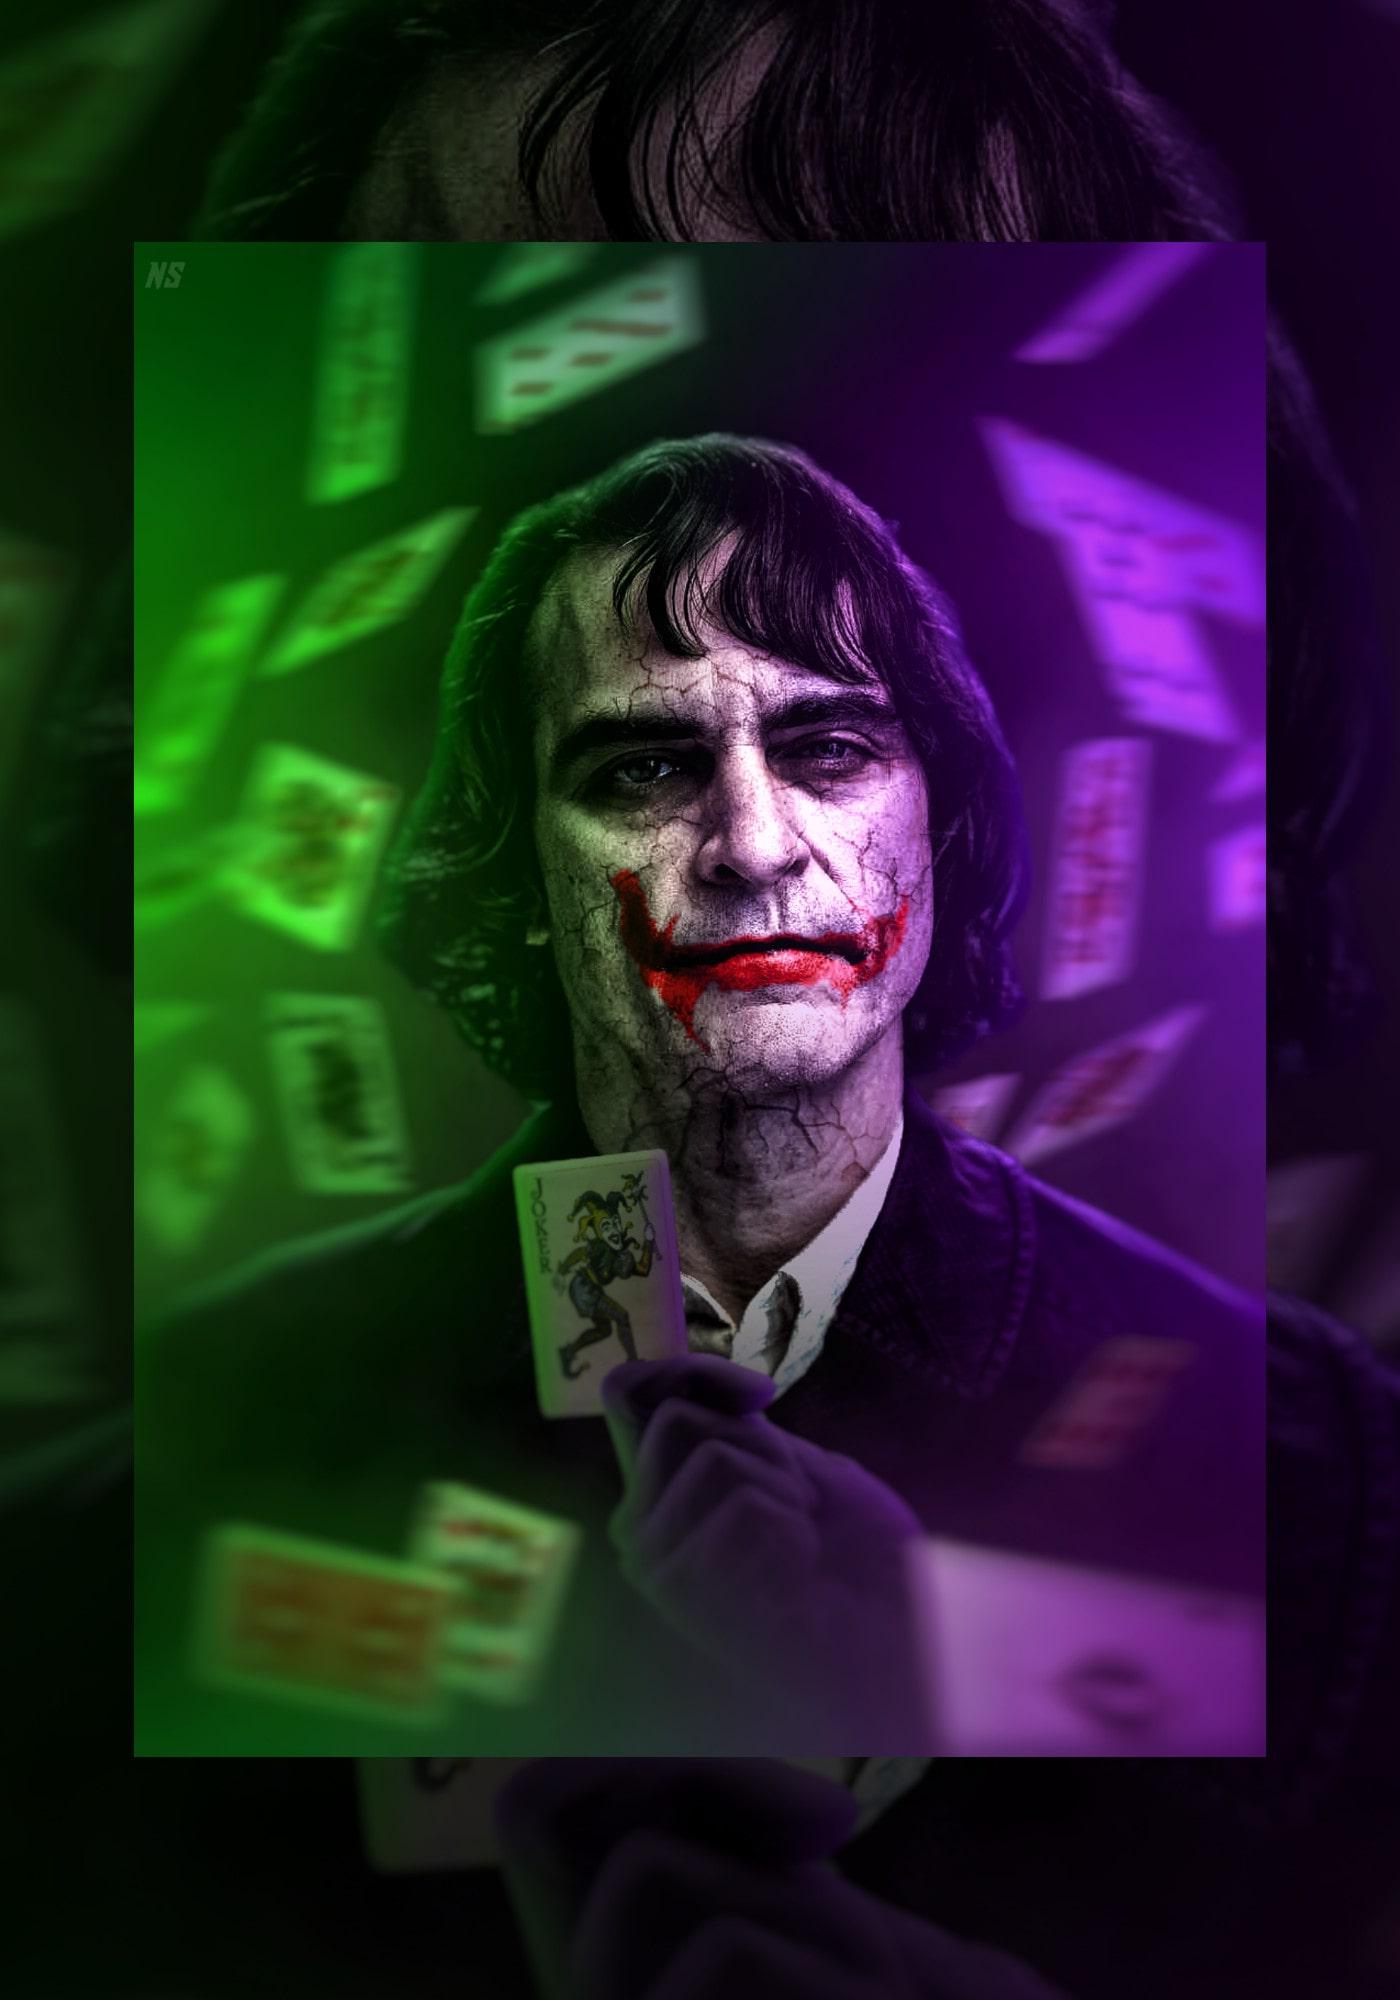 Joker Hd Wallpapers 7wallpapers Net